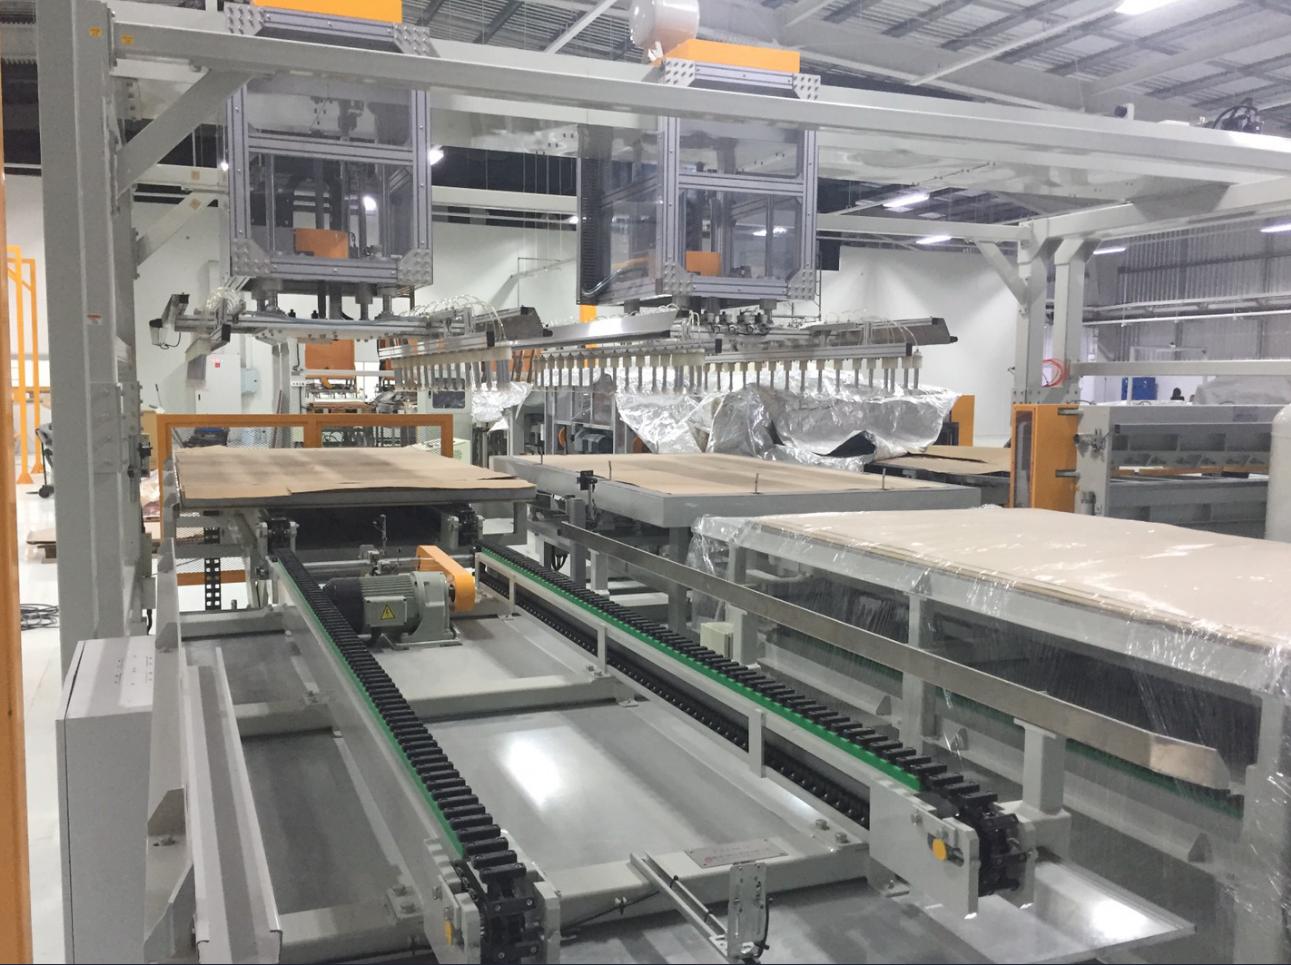 โรงงานอุตสาหกรรมอาหารและยา